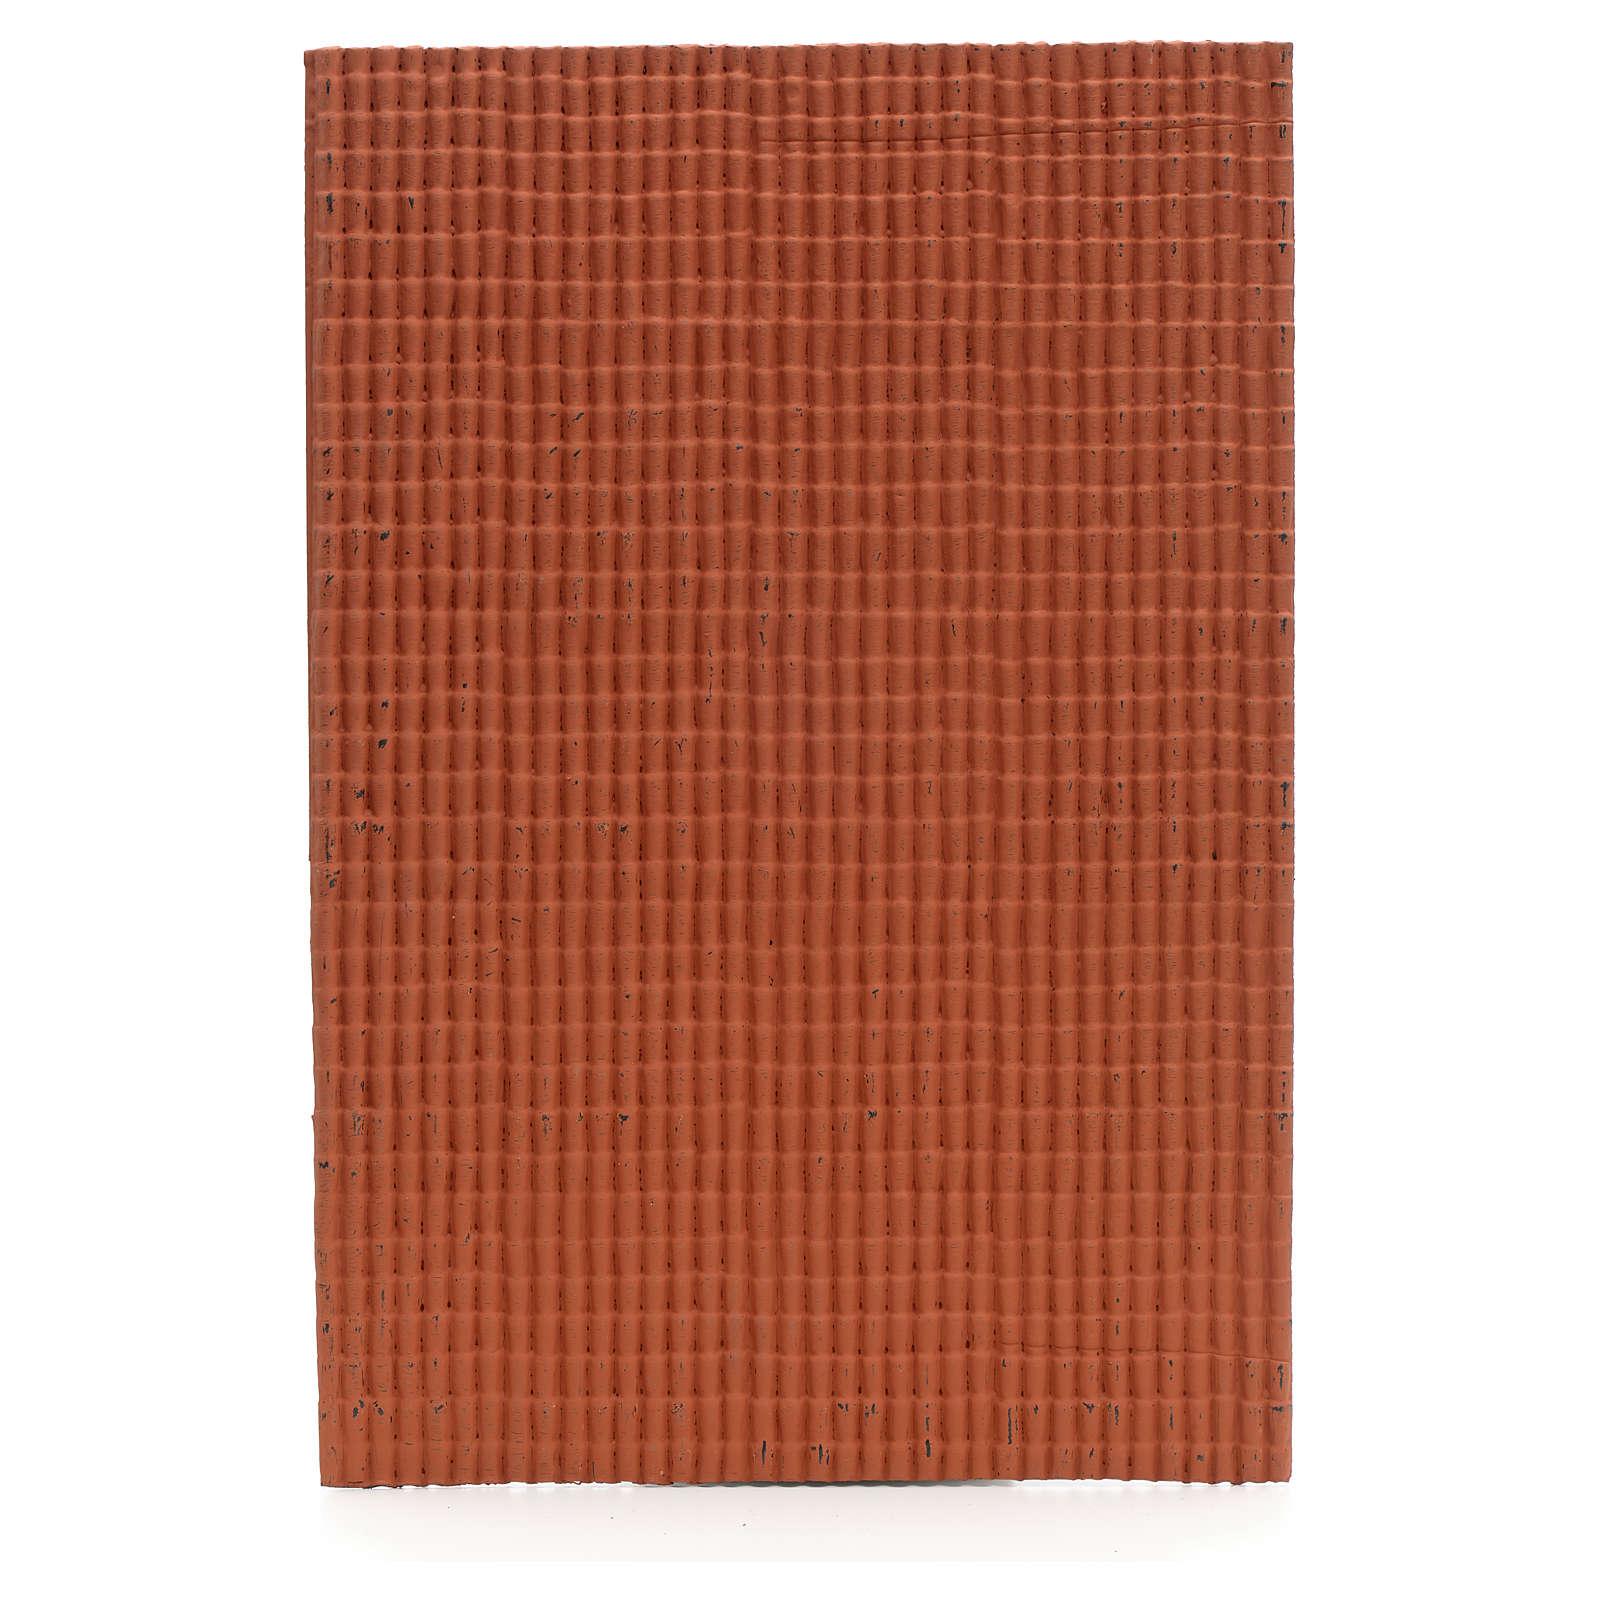 Pannello per tetto tegole piccole rosso 50x35 cm 4